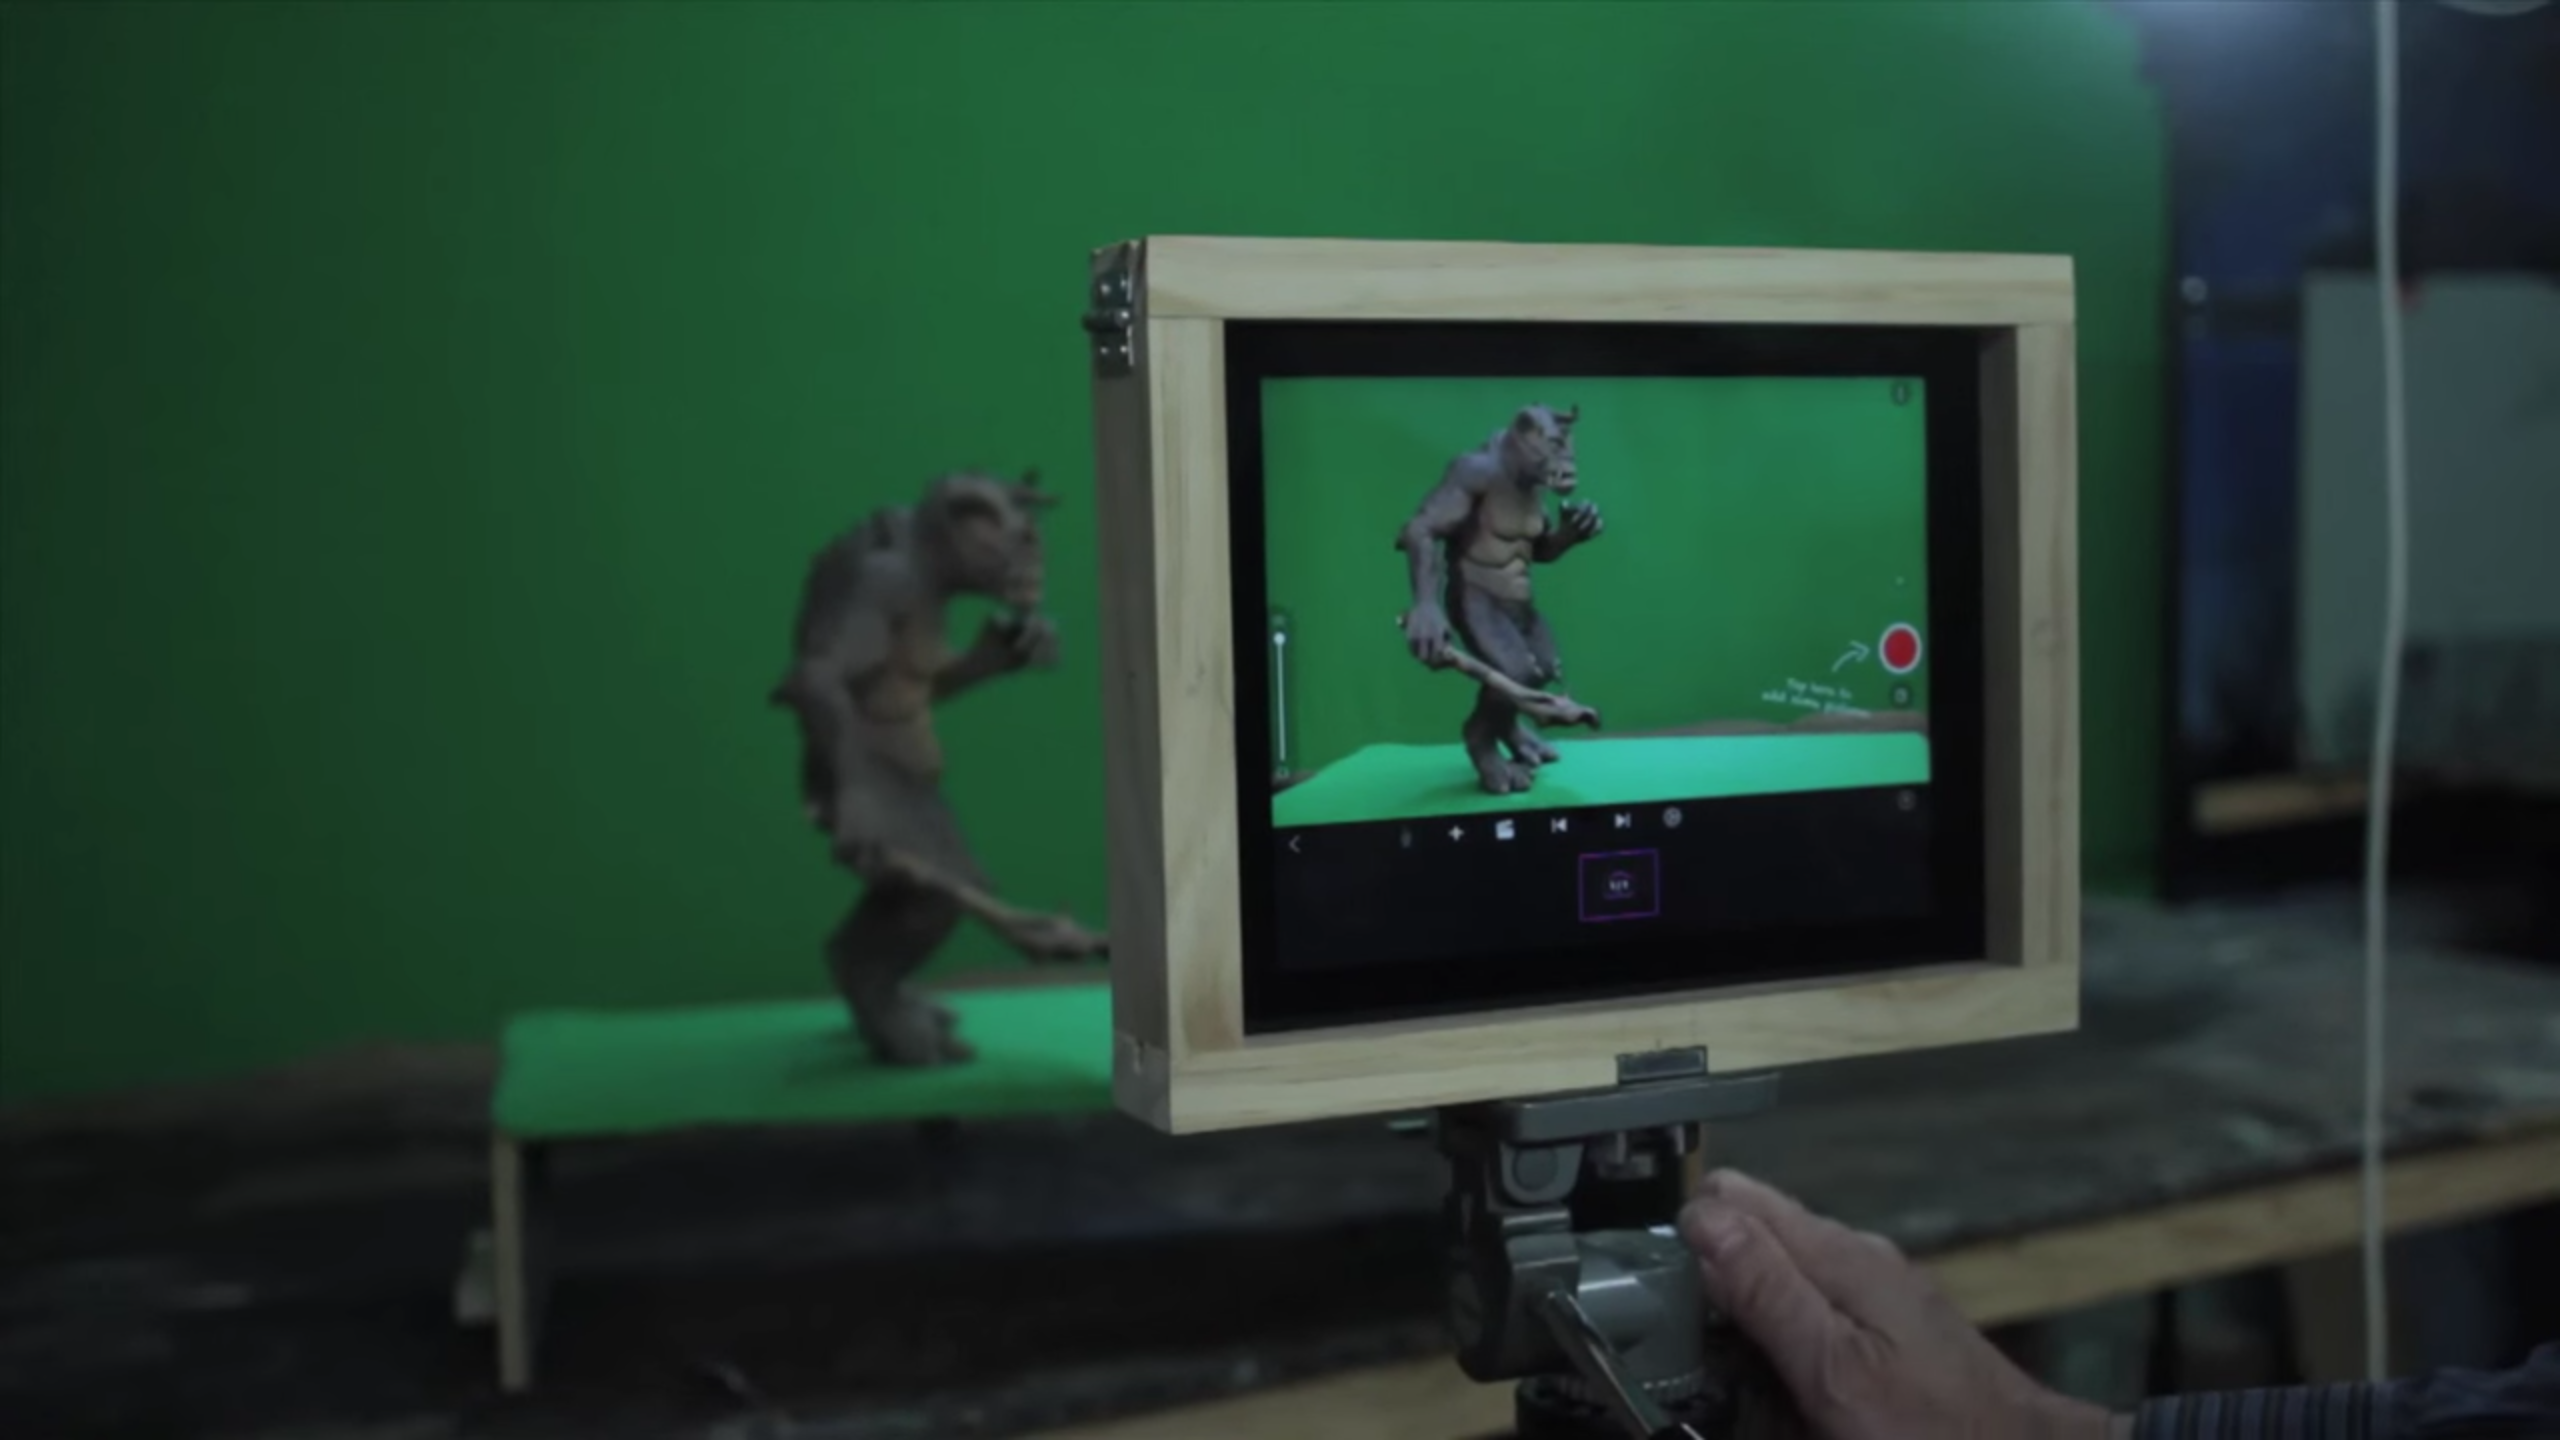 Descarga: Stop Motion Studio Pro, disponible en el App Store